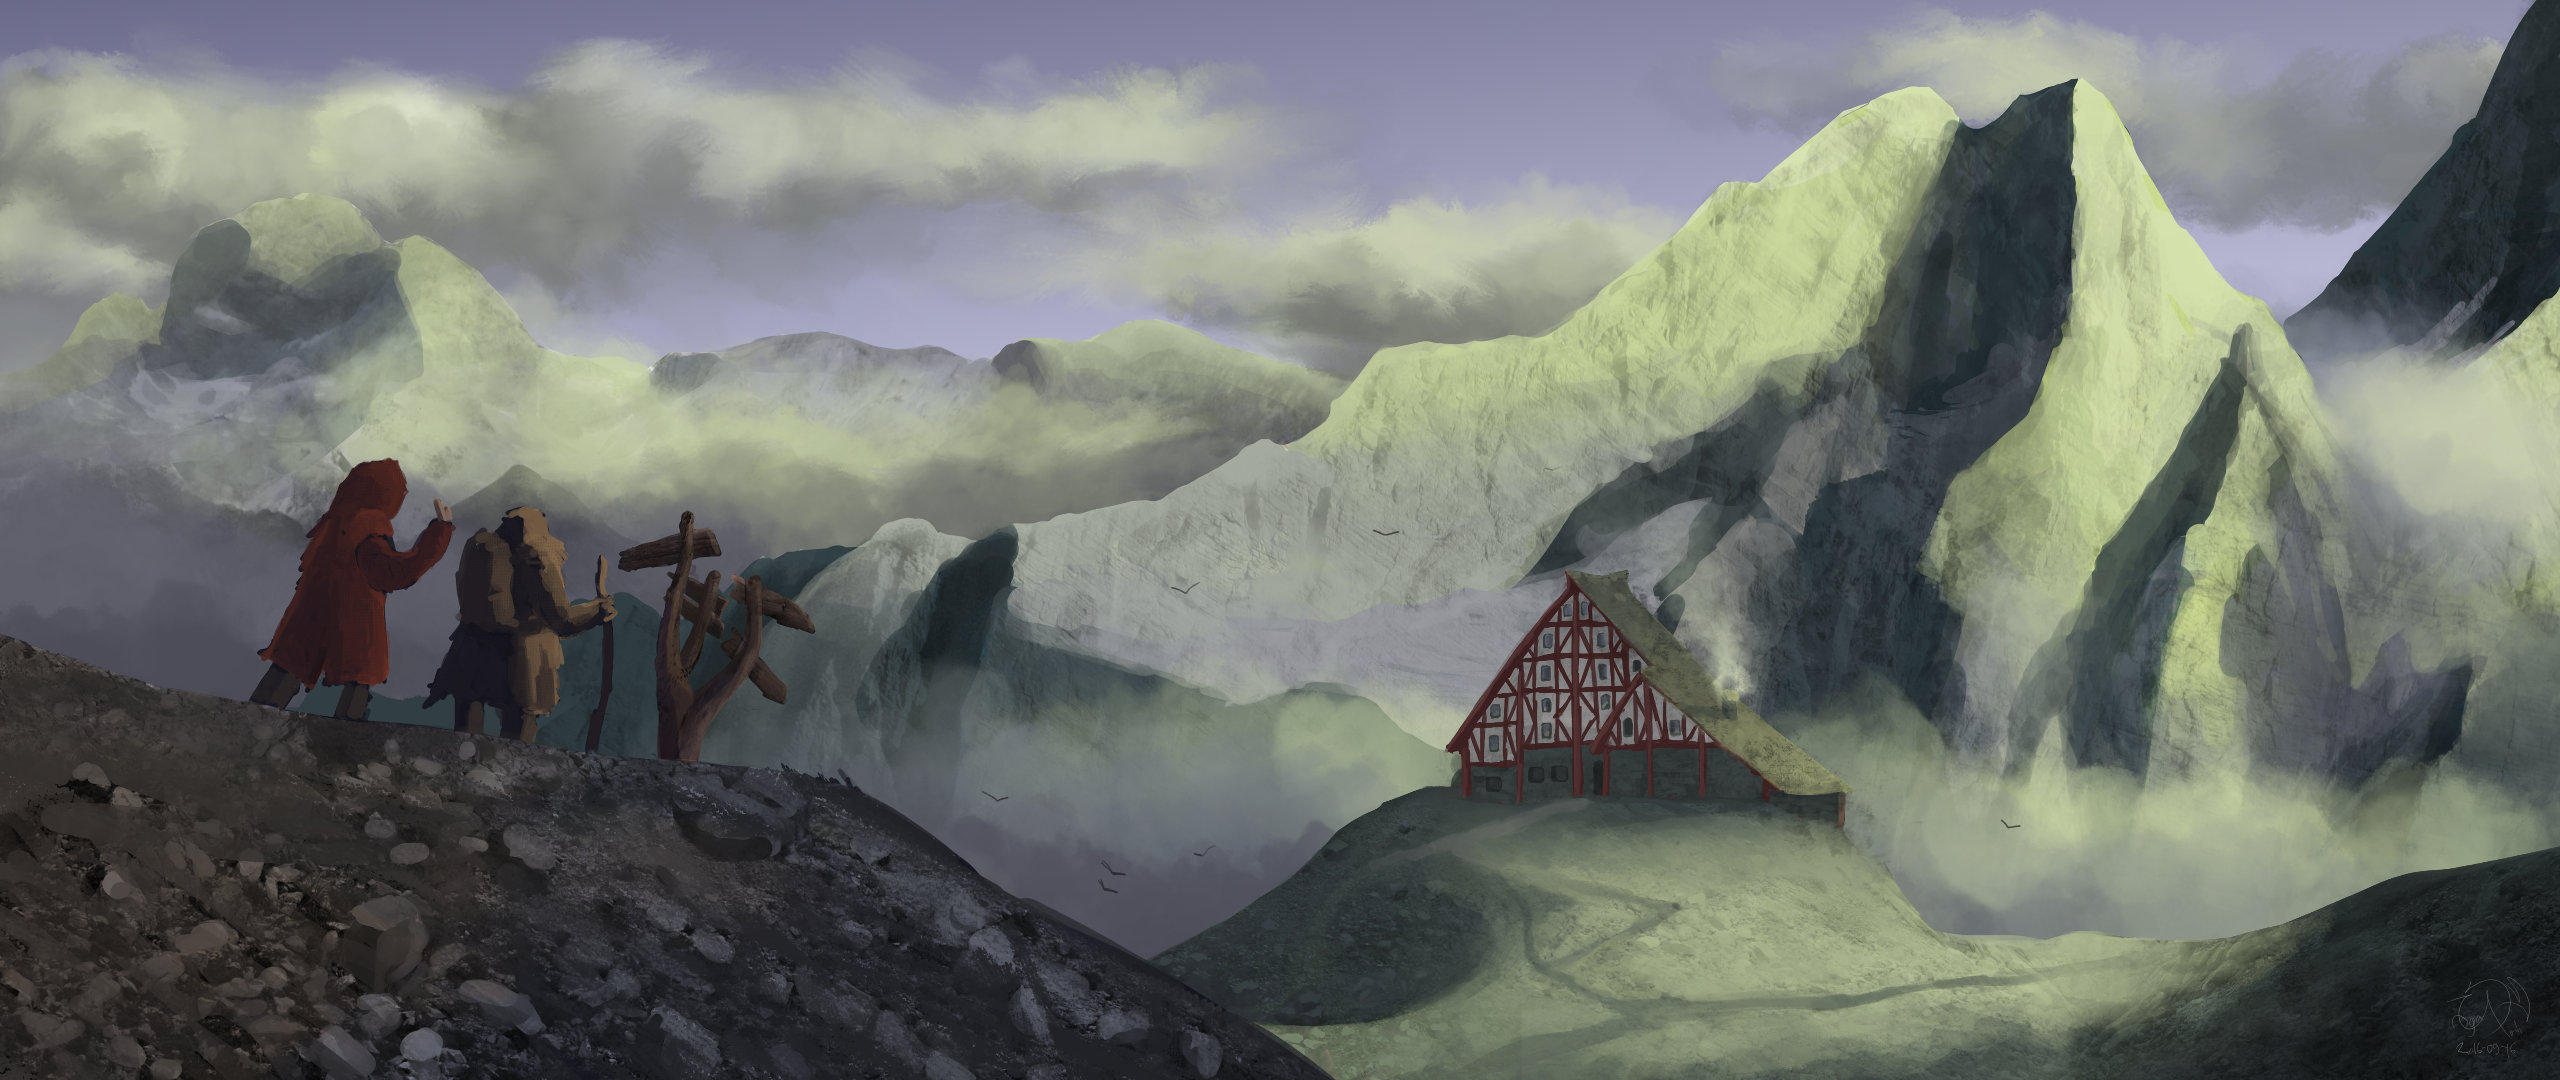 Mountain path by xTernal7